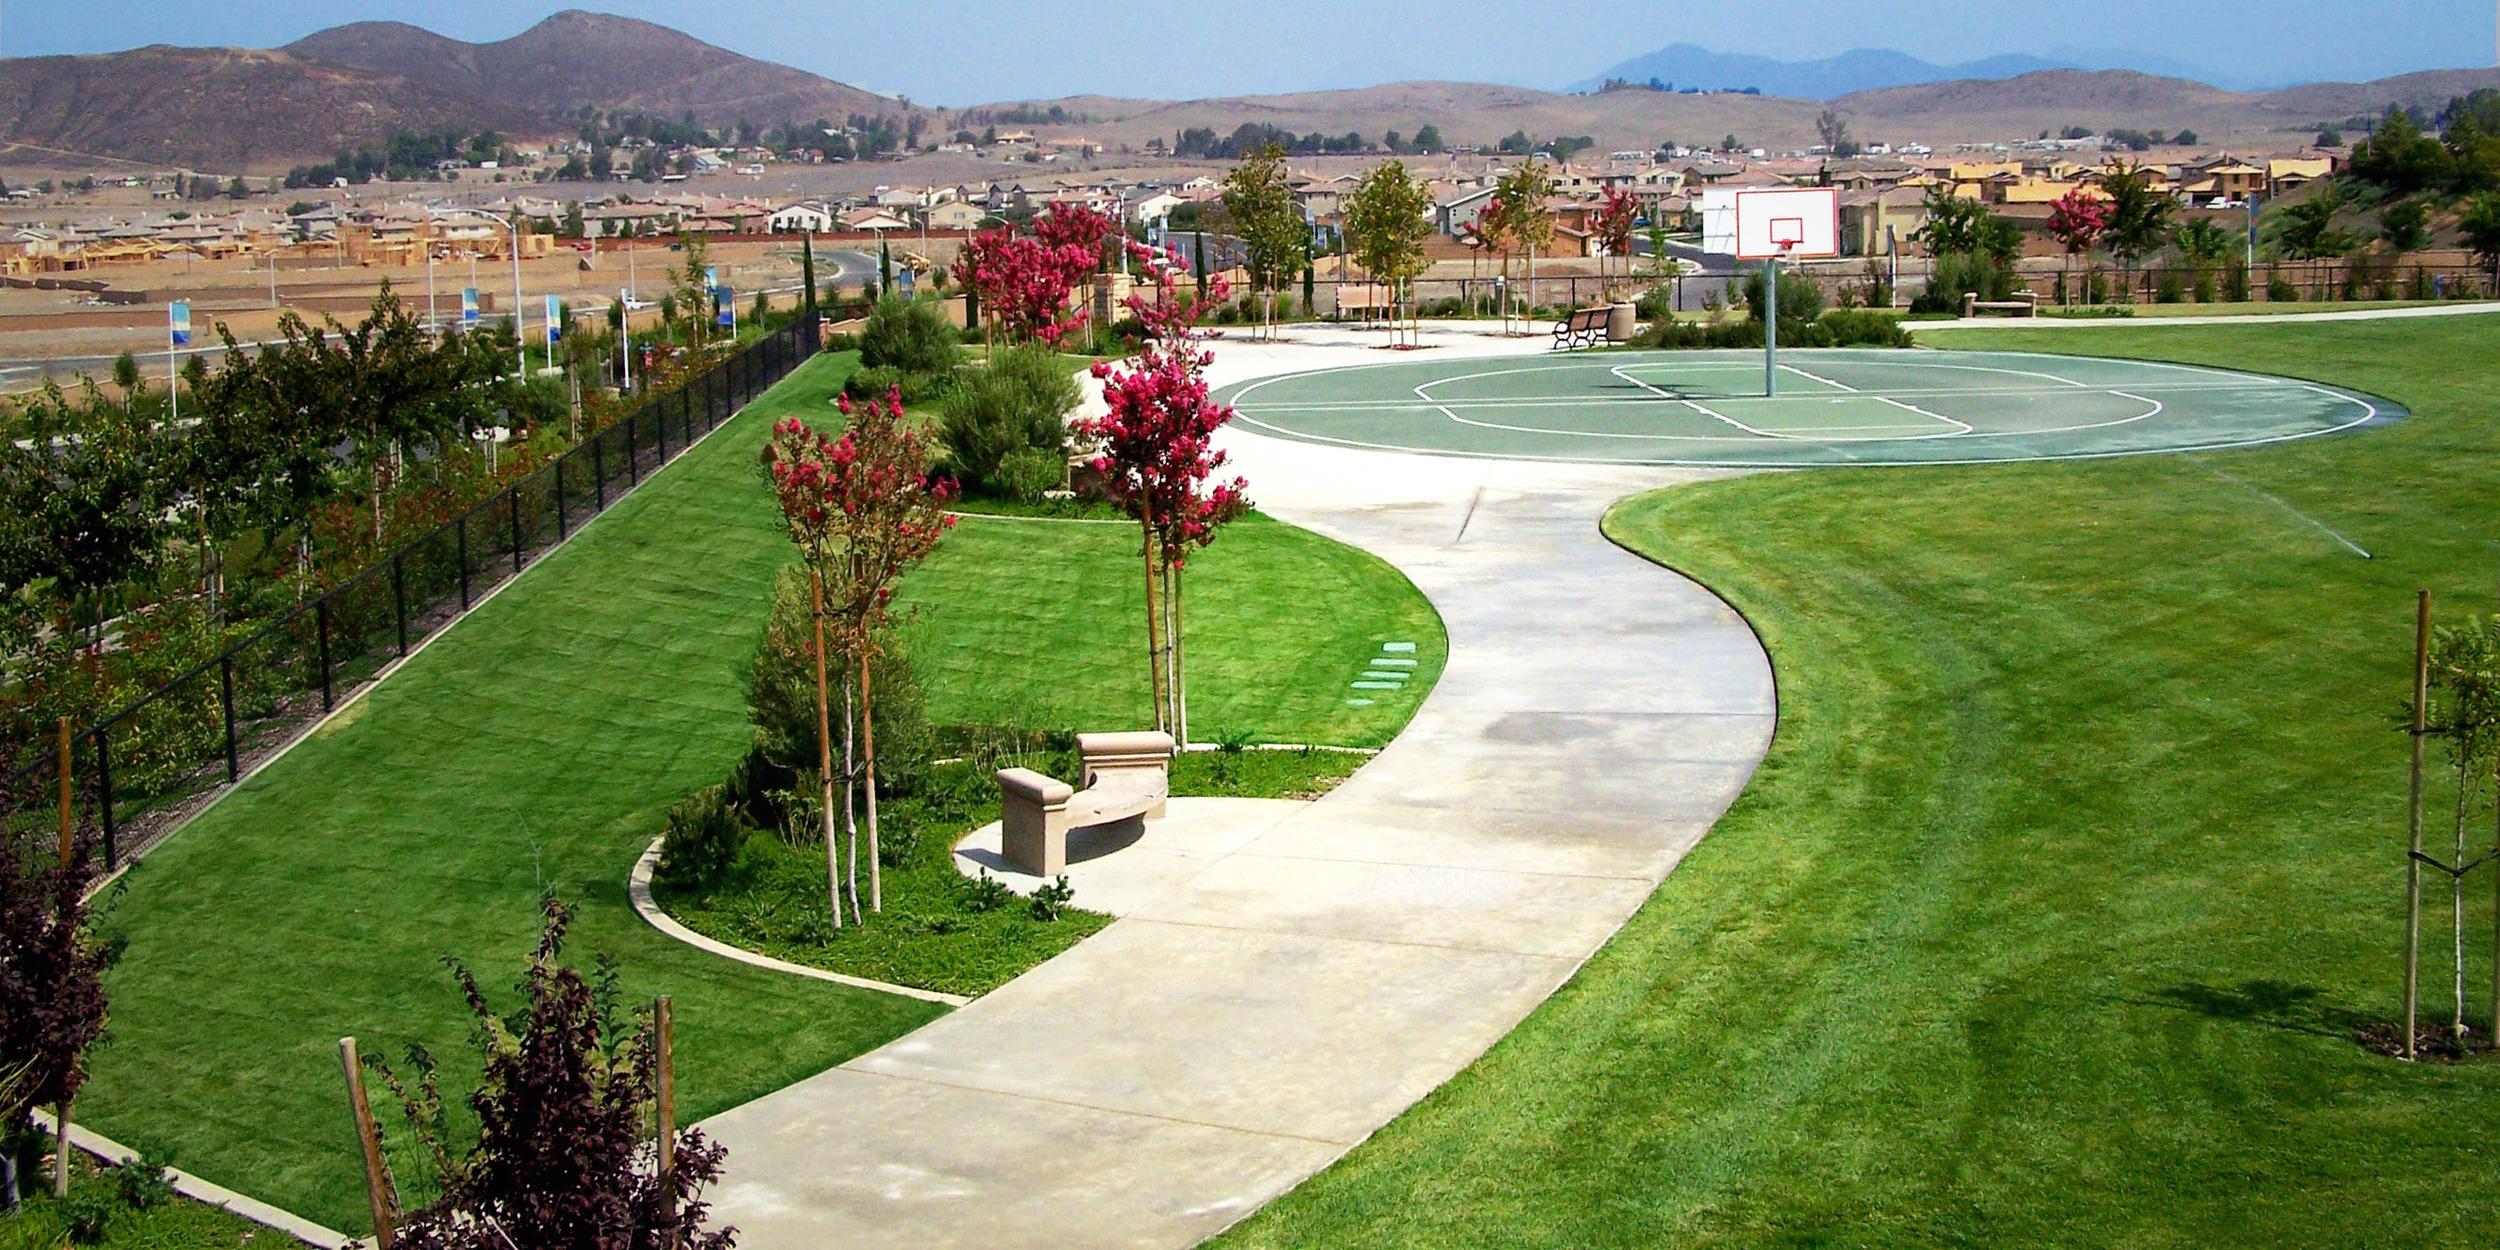 Morningstar Park - French Valley CA